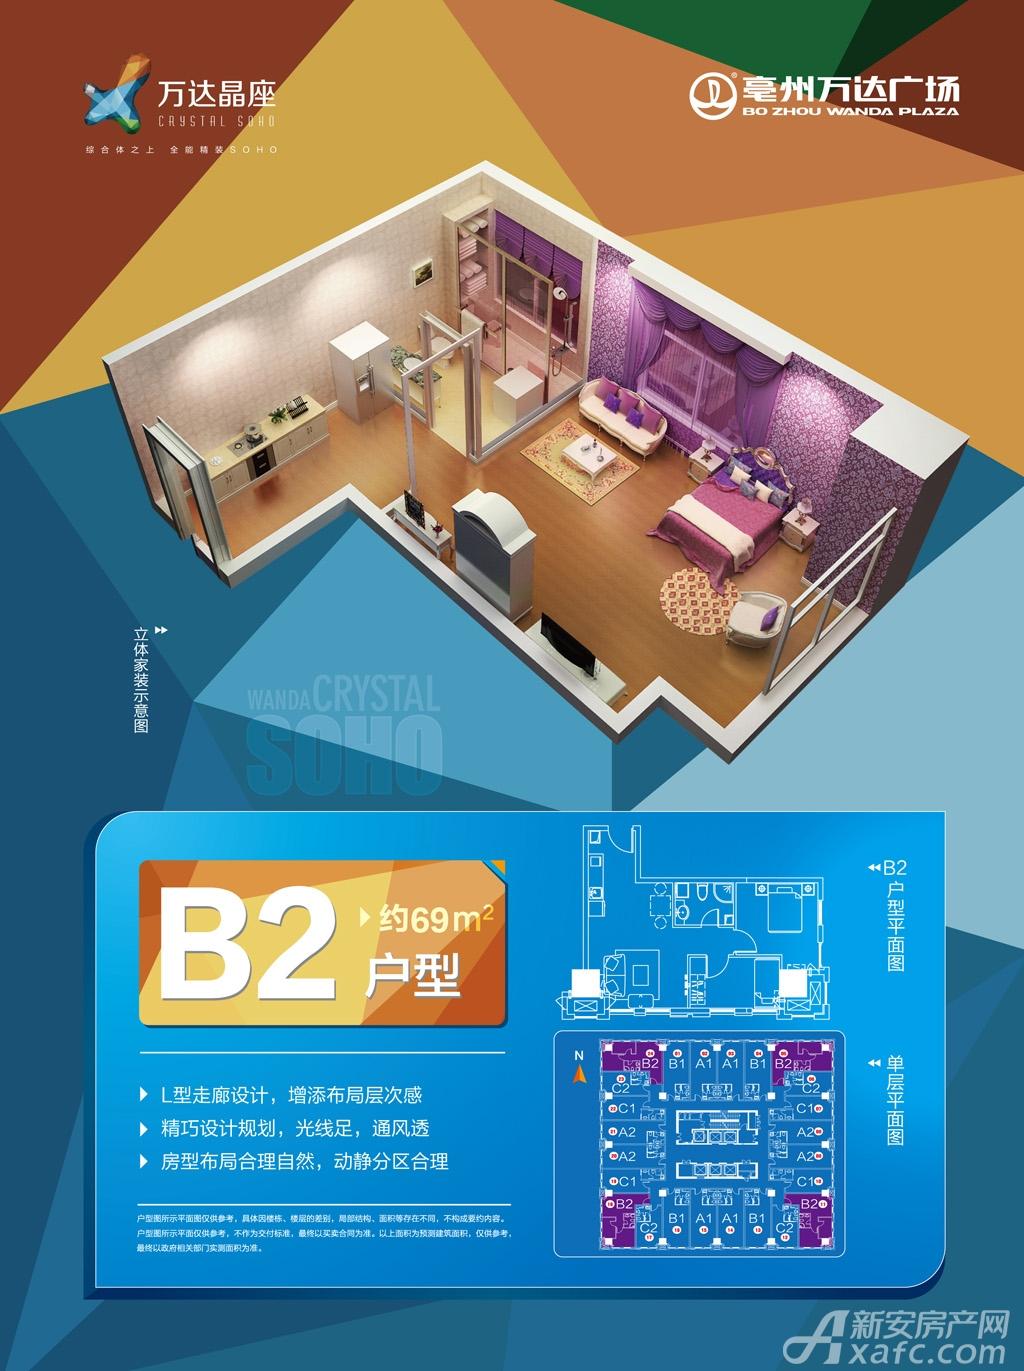 亳州万达广场精装soho B2户型1室1厅69平米